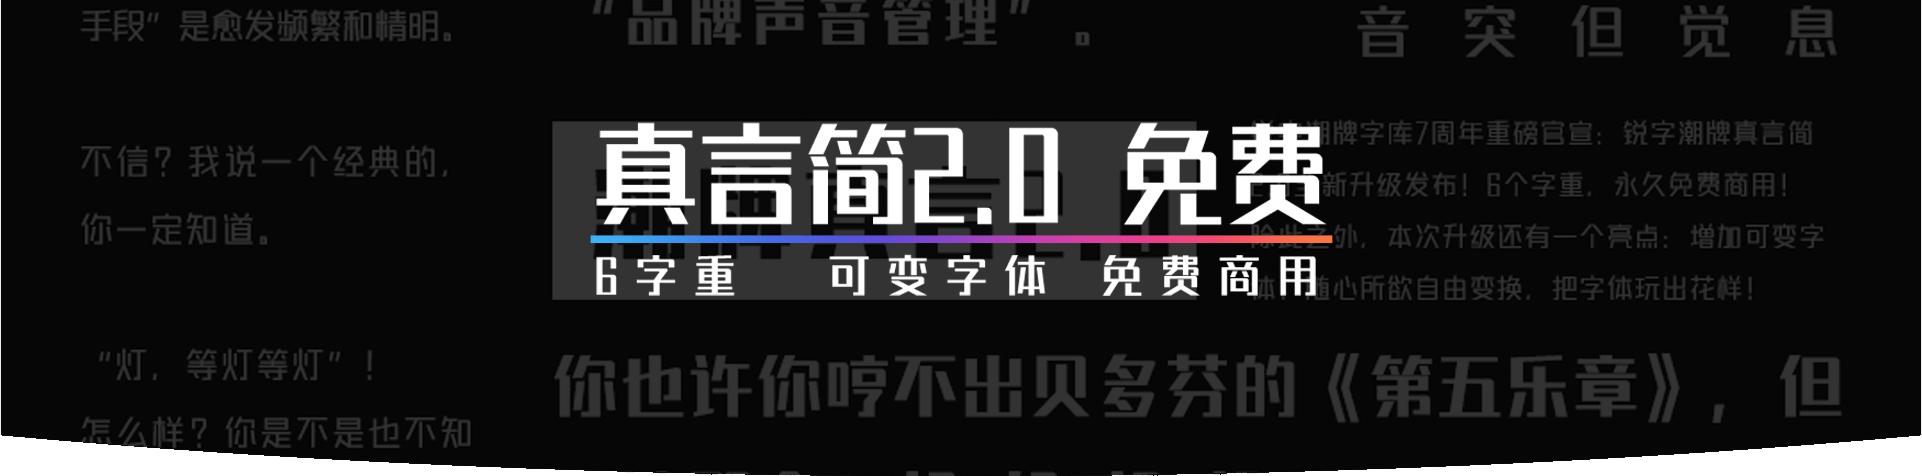 锐字潮牌真言简2.0免费最新上线